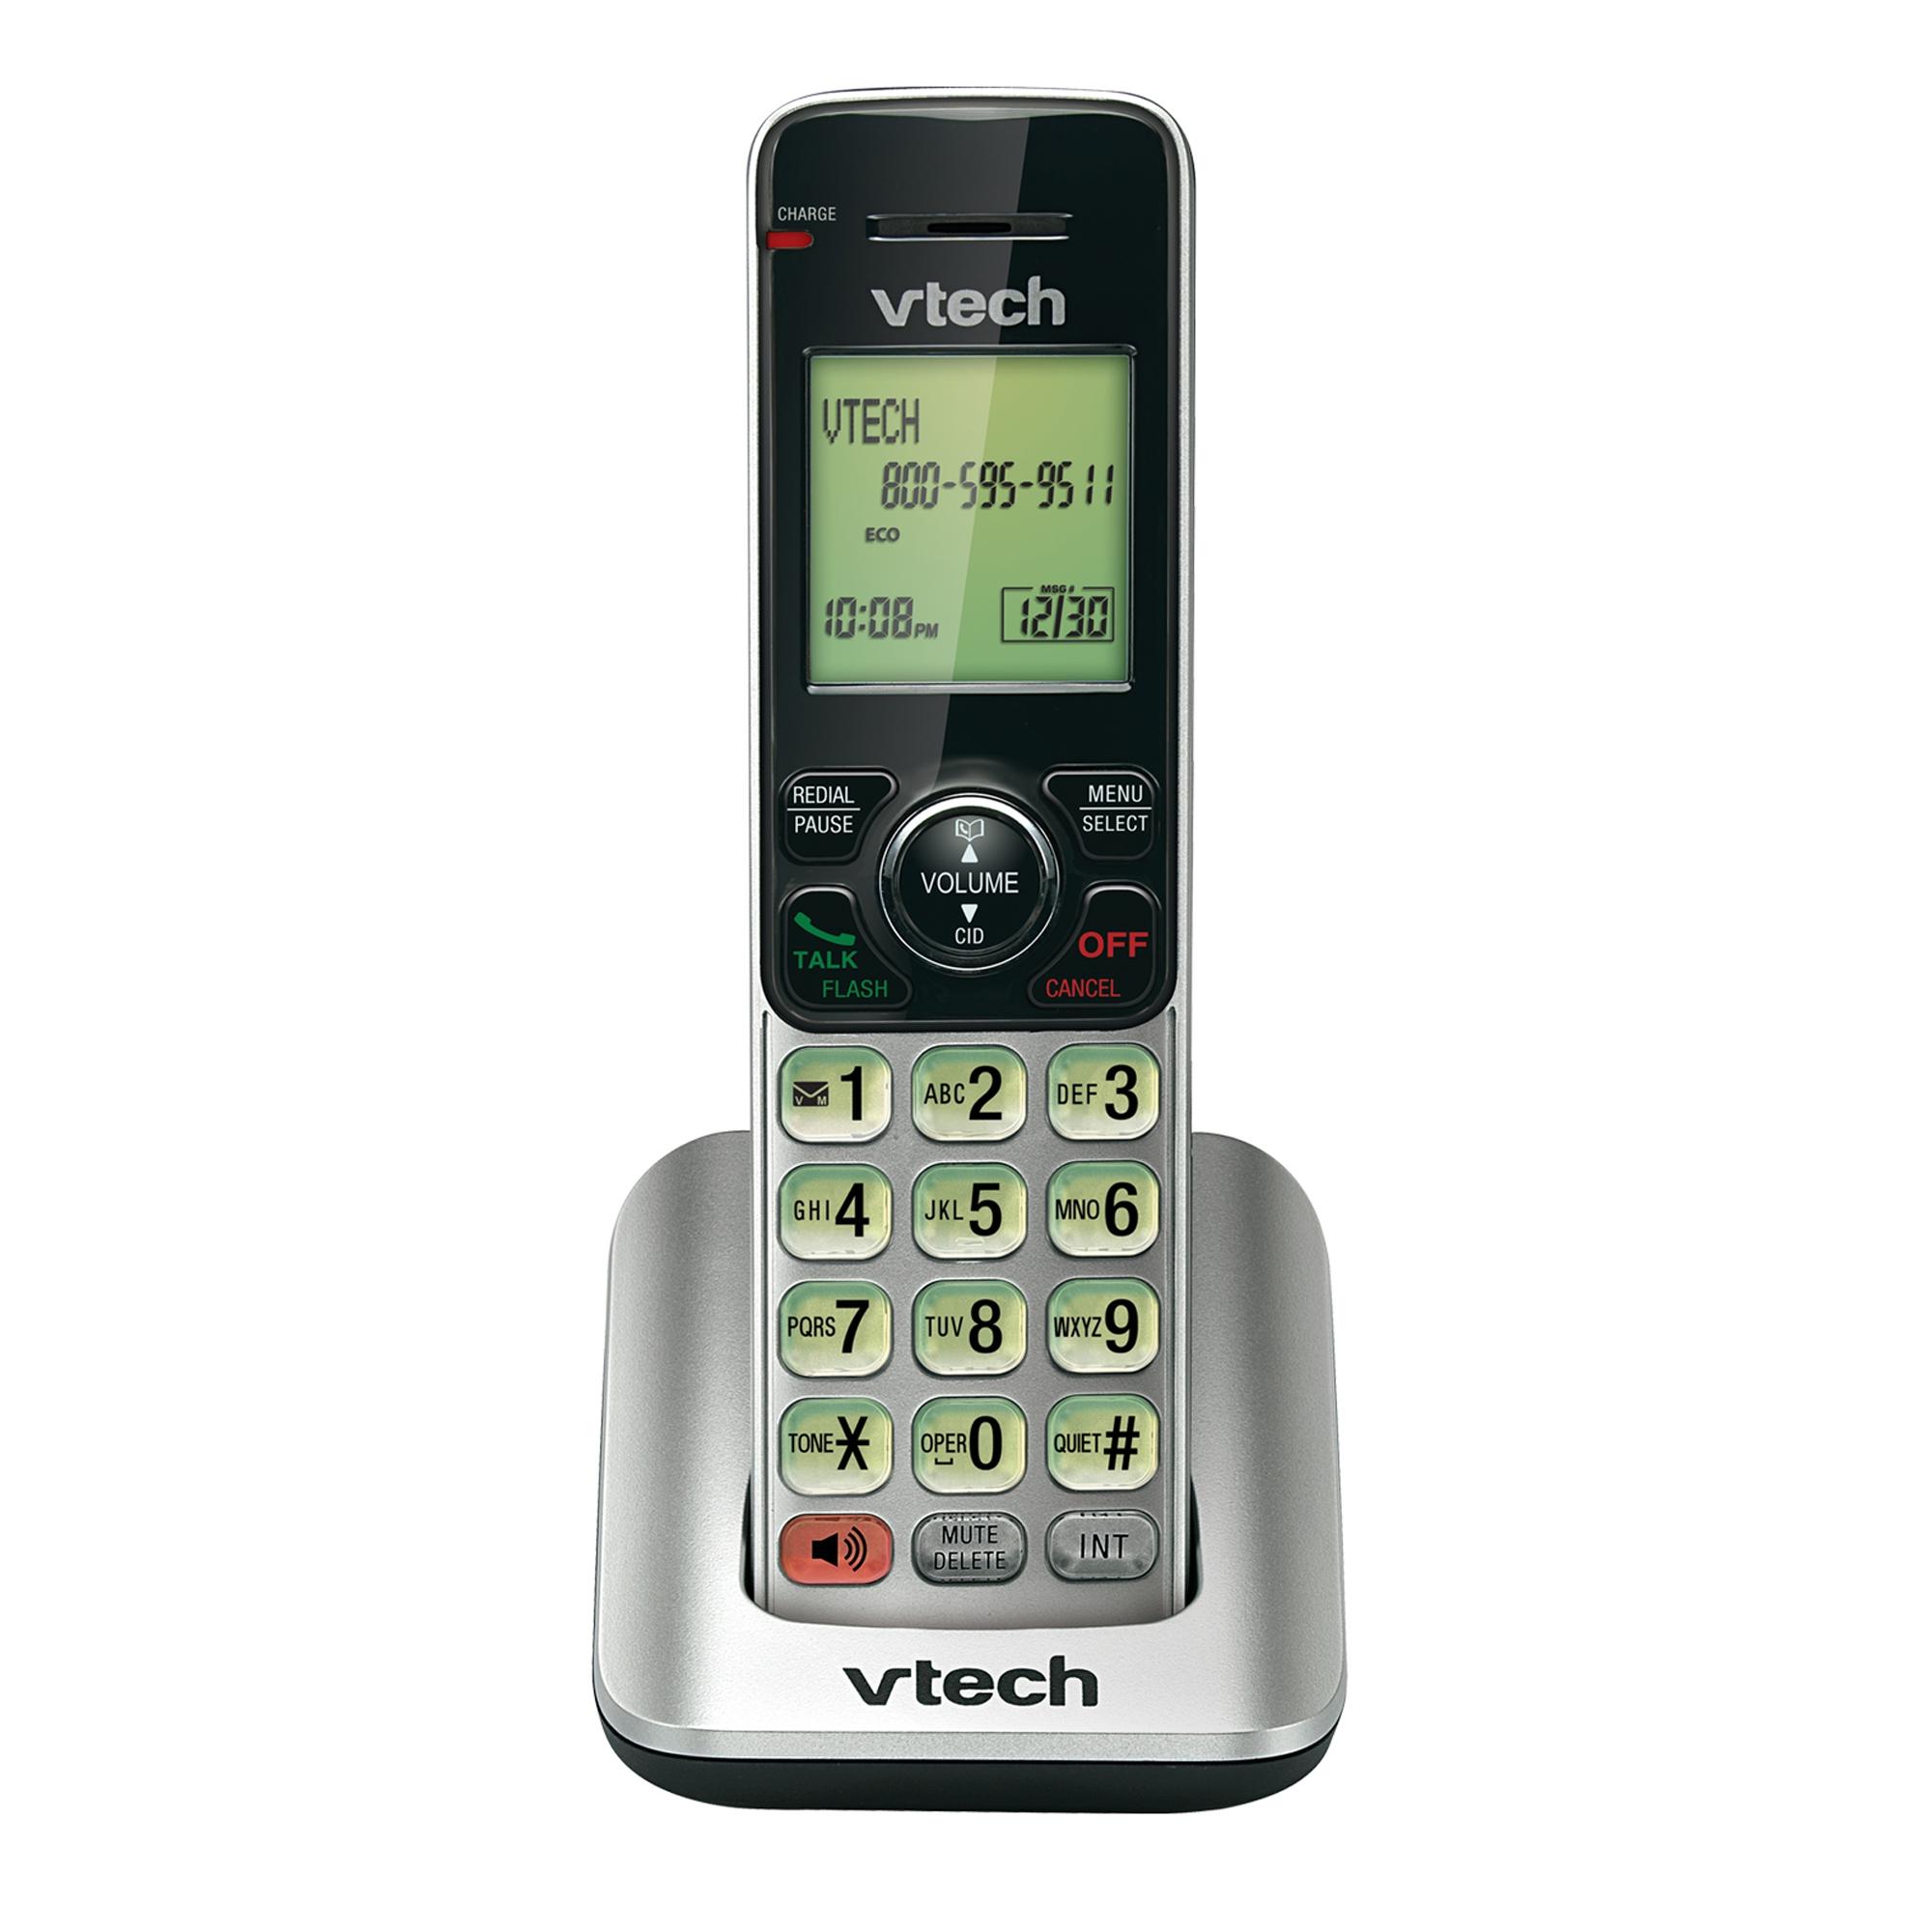 VTECH ACCESSORY HANDSET F/CS66** SERIES